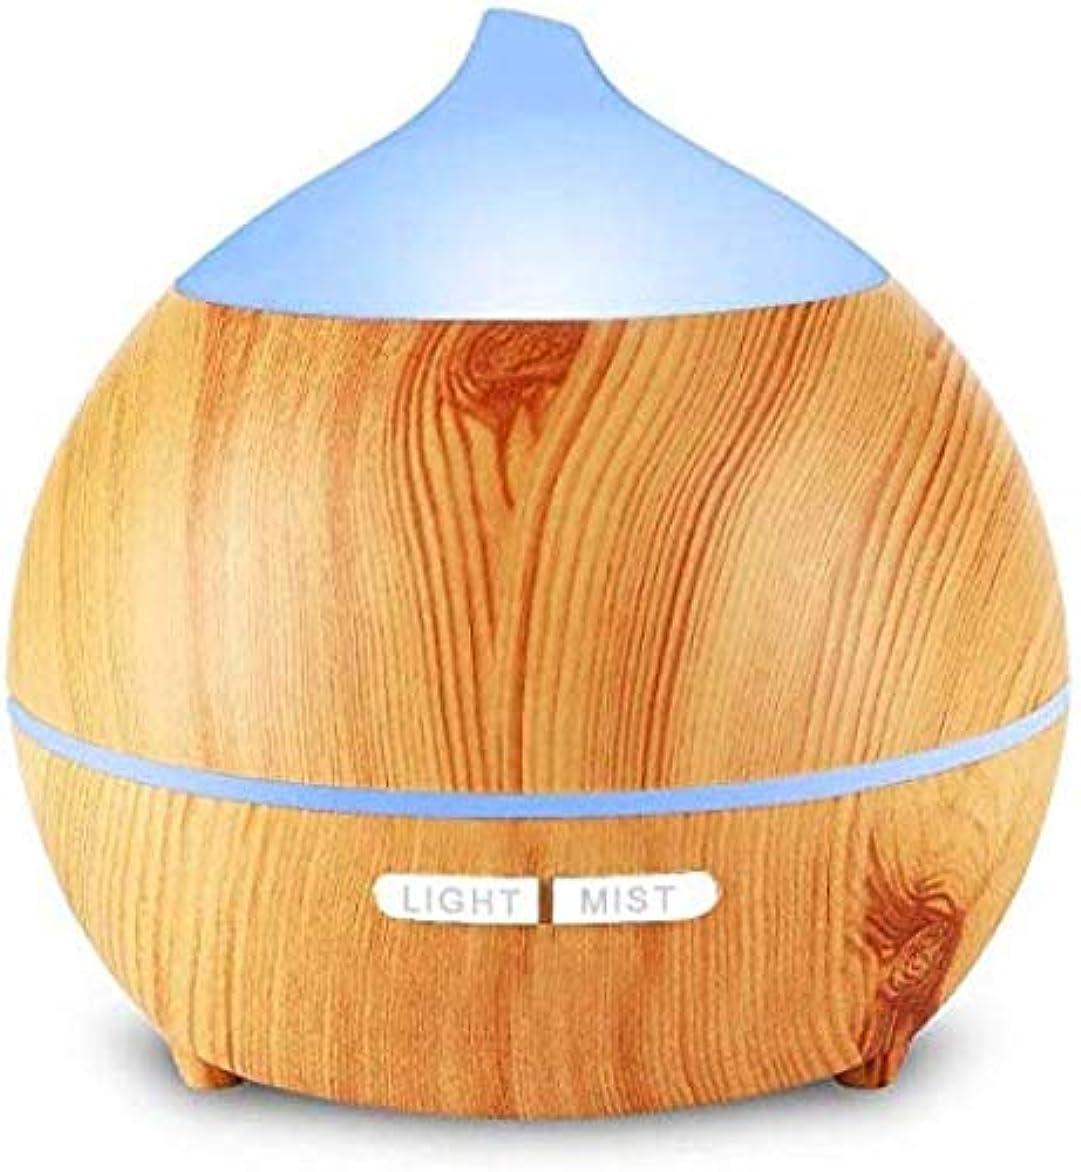 四半期コメントレクリエーションAroma Diffuser Aroma Humidifier,Aroma Oil Diffuser Wood Grain,con luces LED 14 colores y función apagado automático...